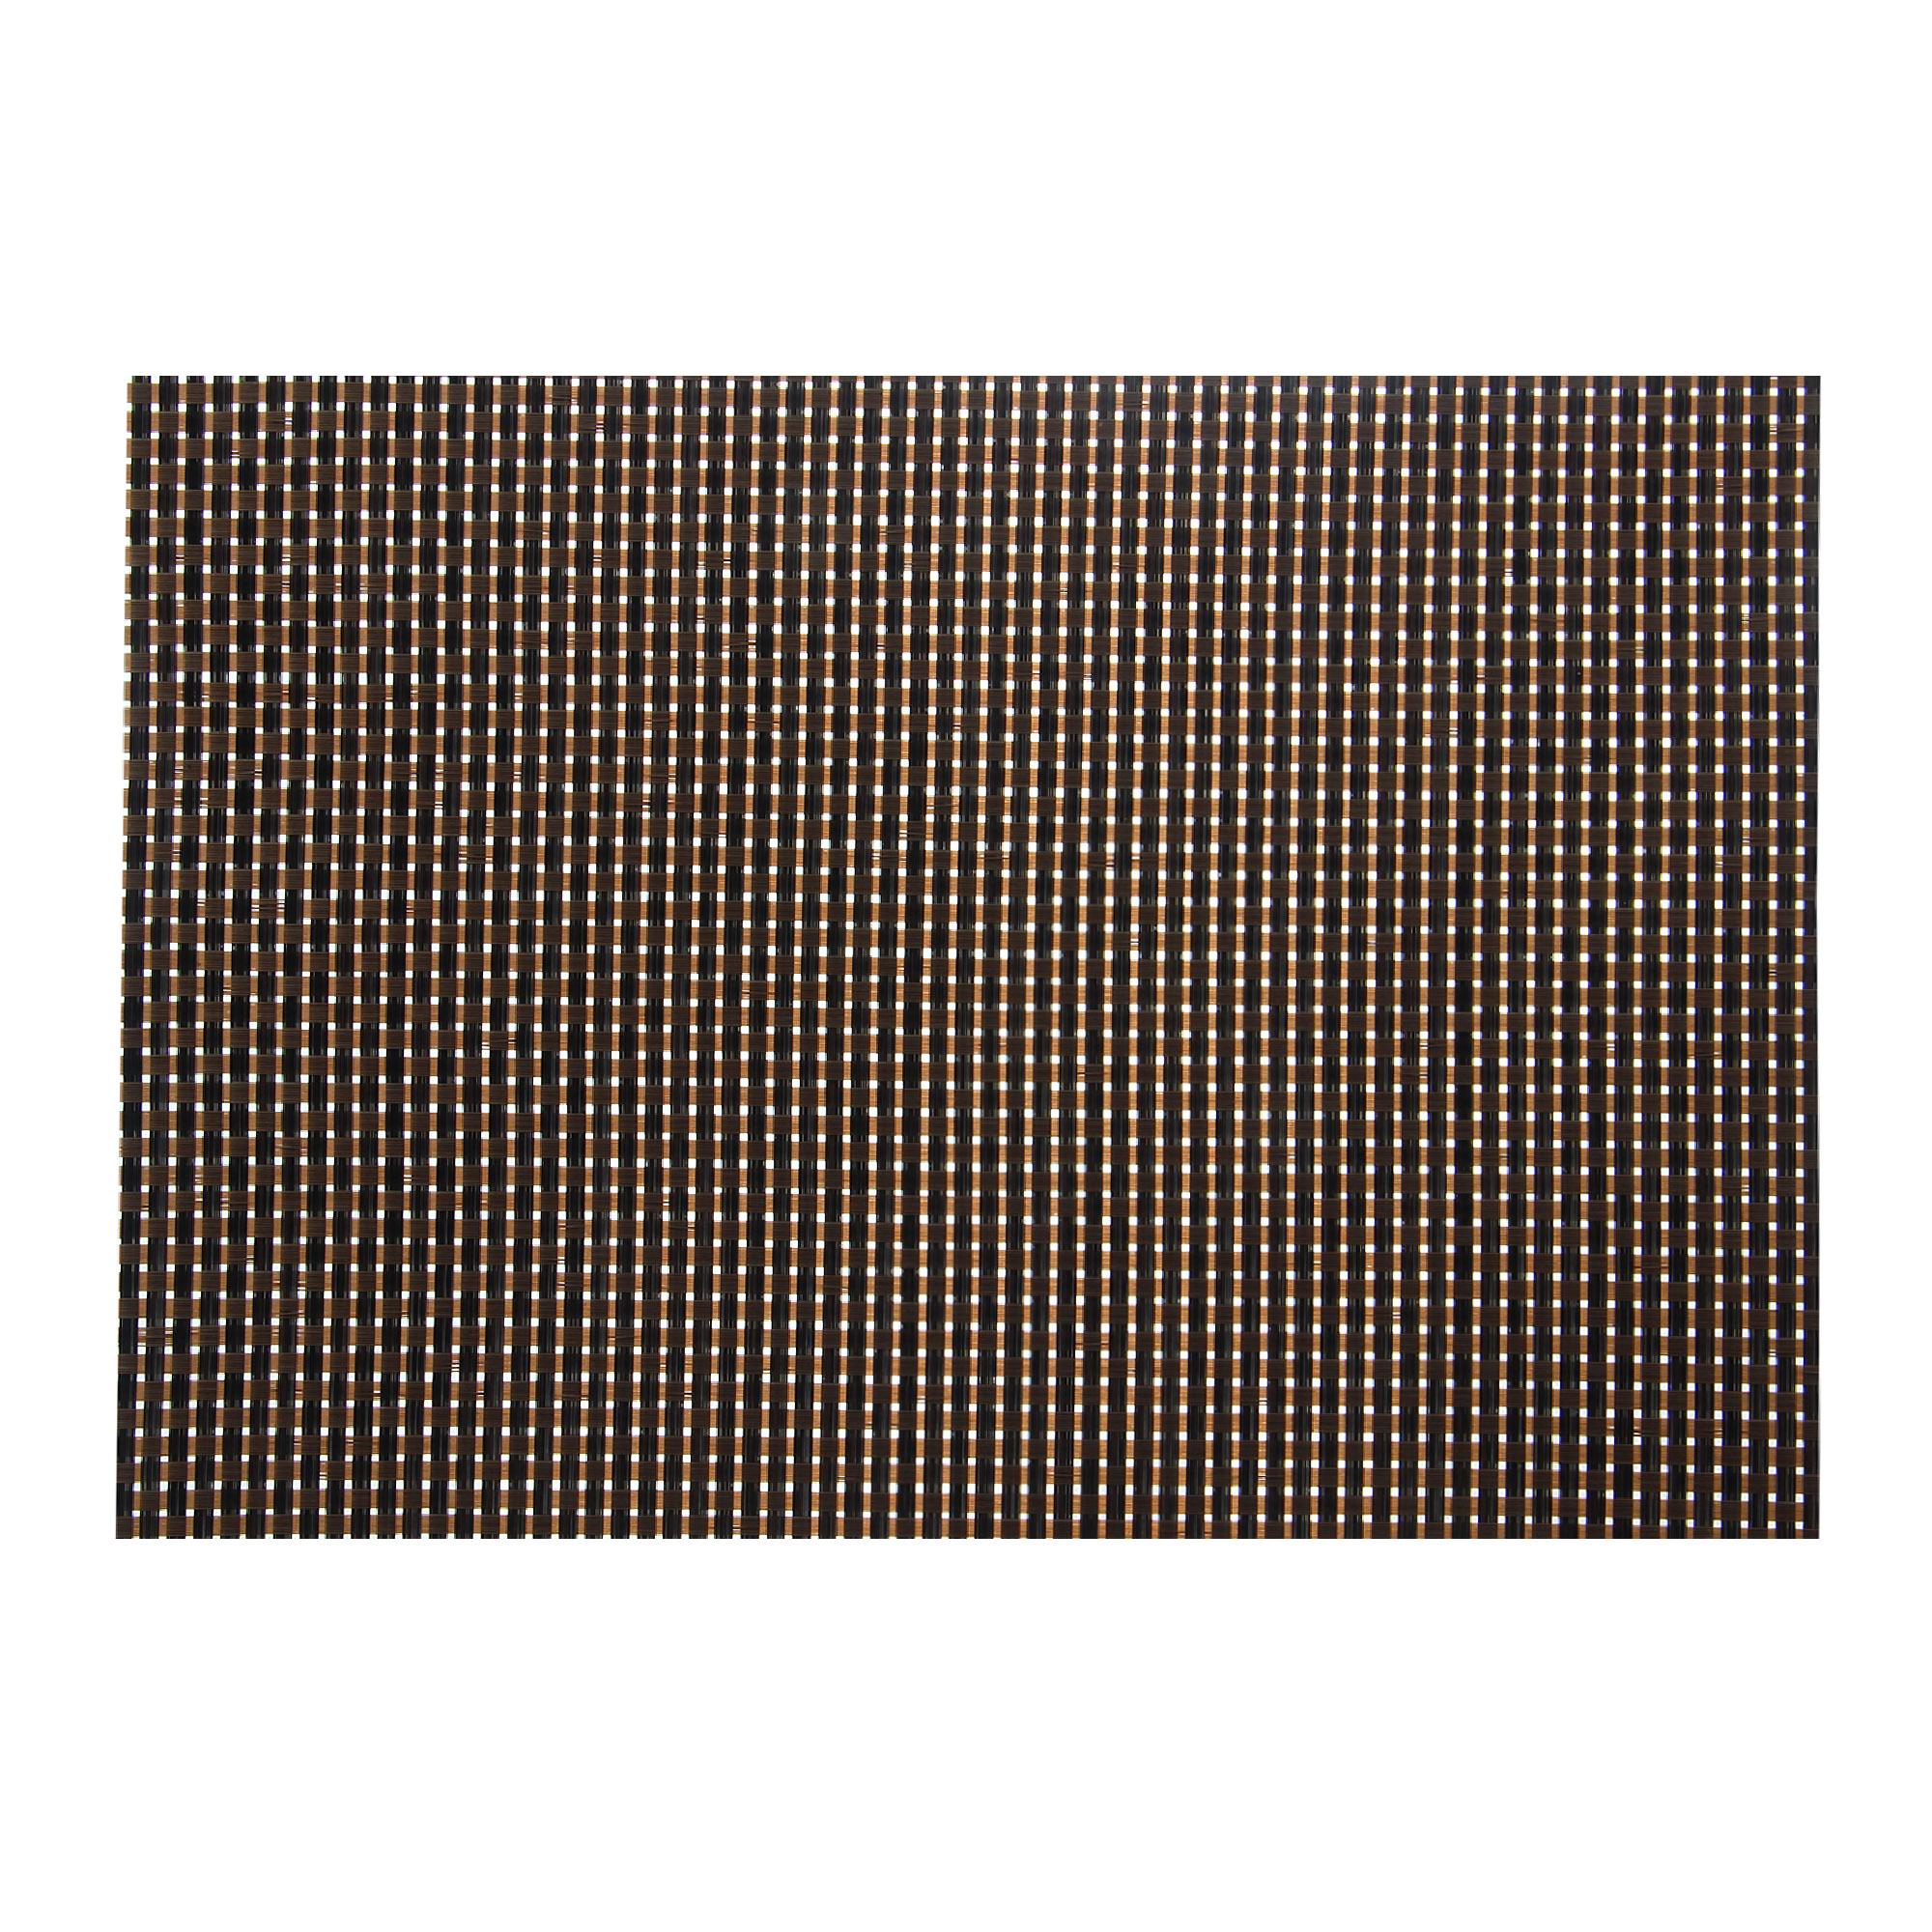 Фото - Салфетка под посуду темно-коричневая с медным Asa selection tabletops 30х45 см салфетка под посуду asa selection tabletops 46x33 см